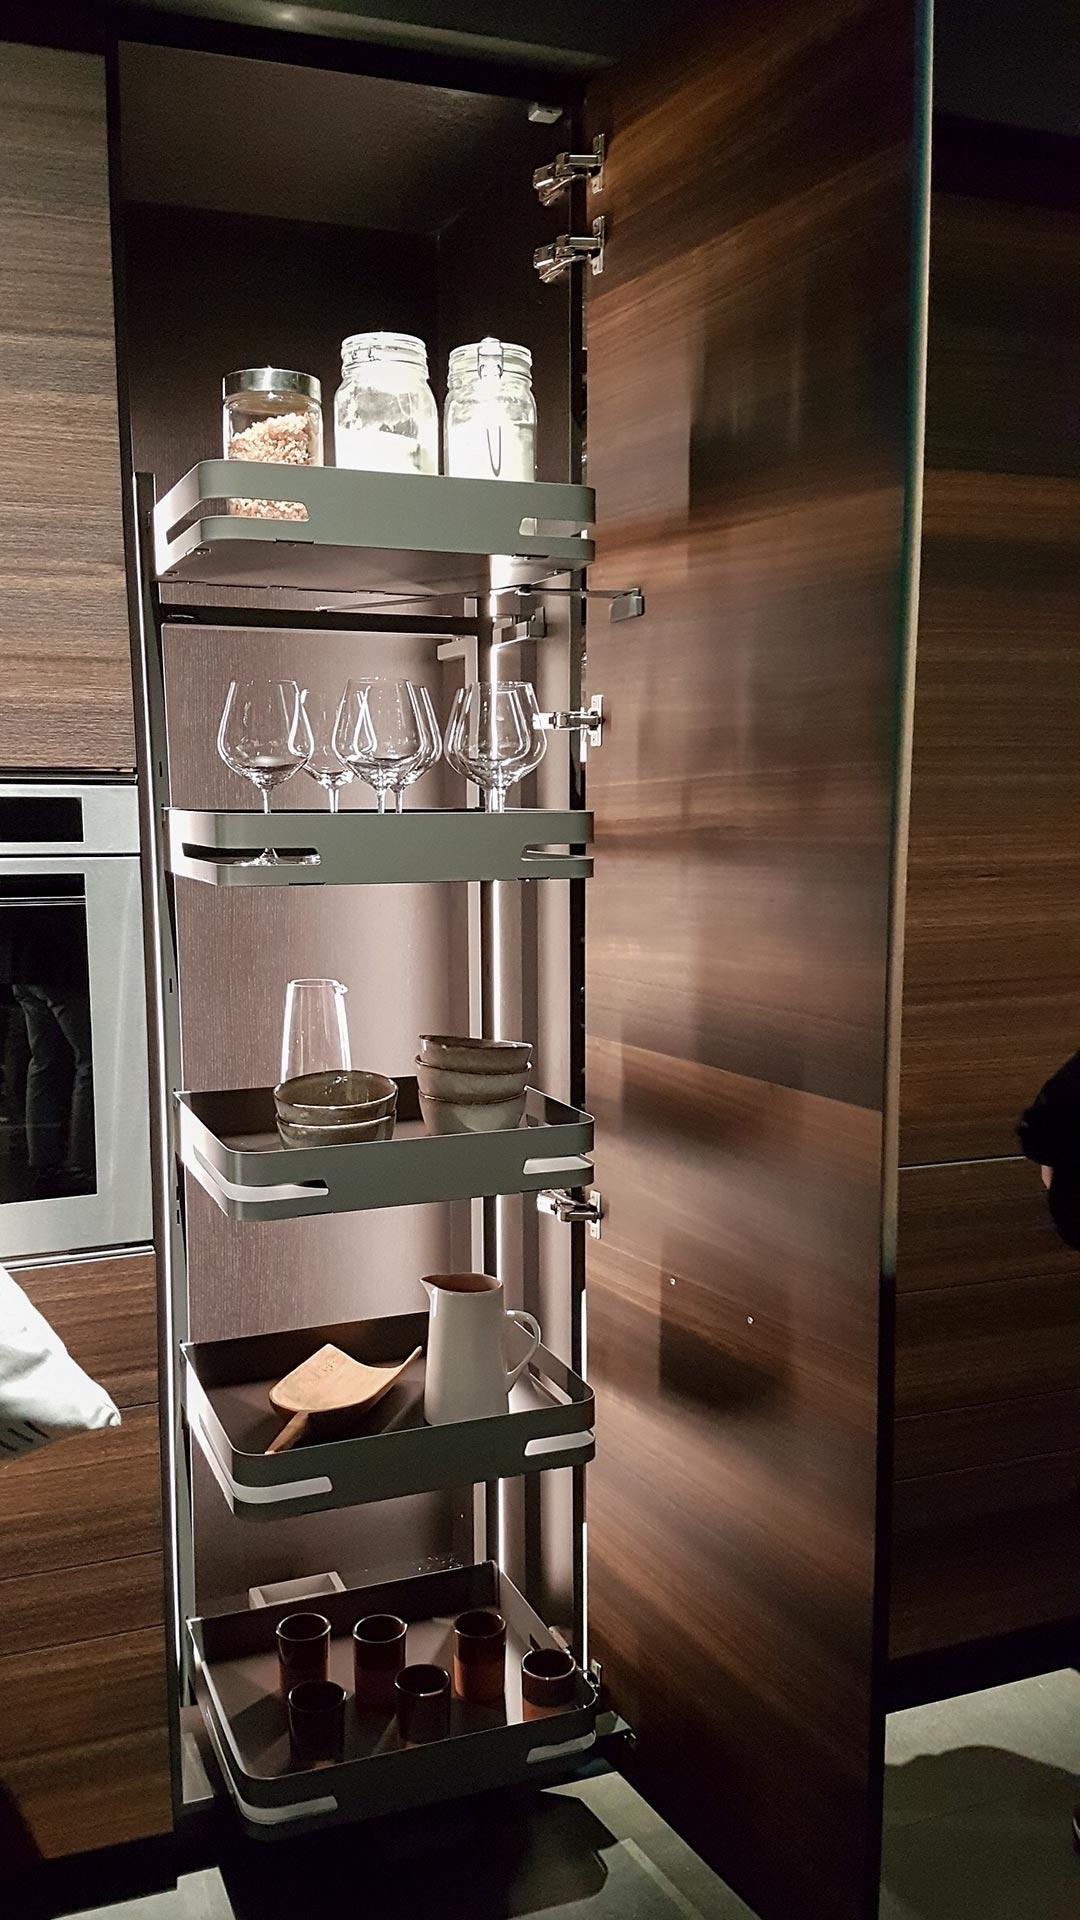 Aluminium, dunkles Holz und Schubkastensysteme bestimmen die Schranksysteme für die Küche